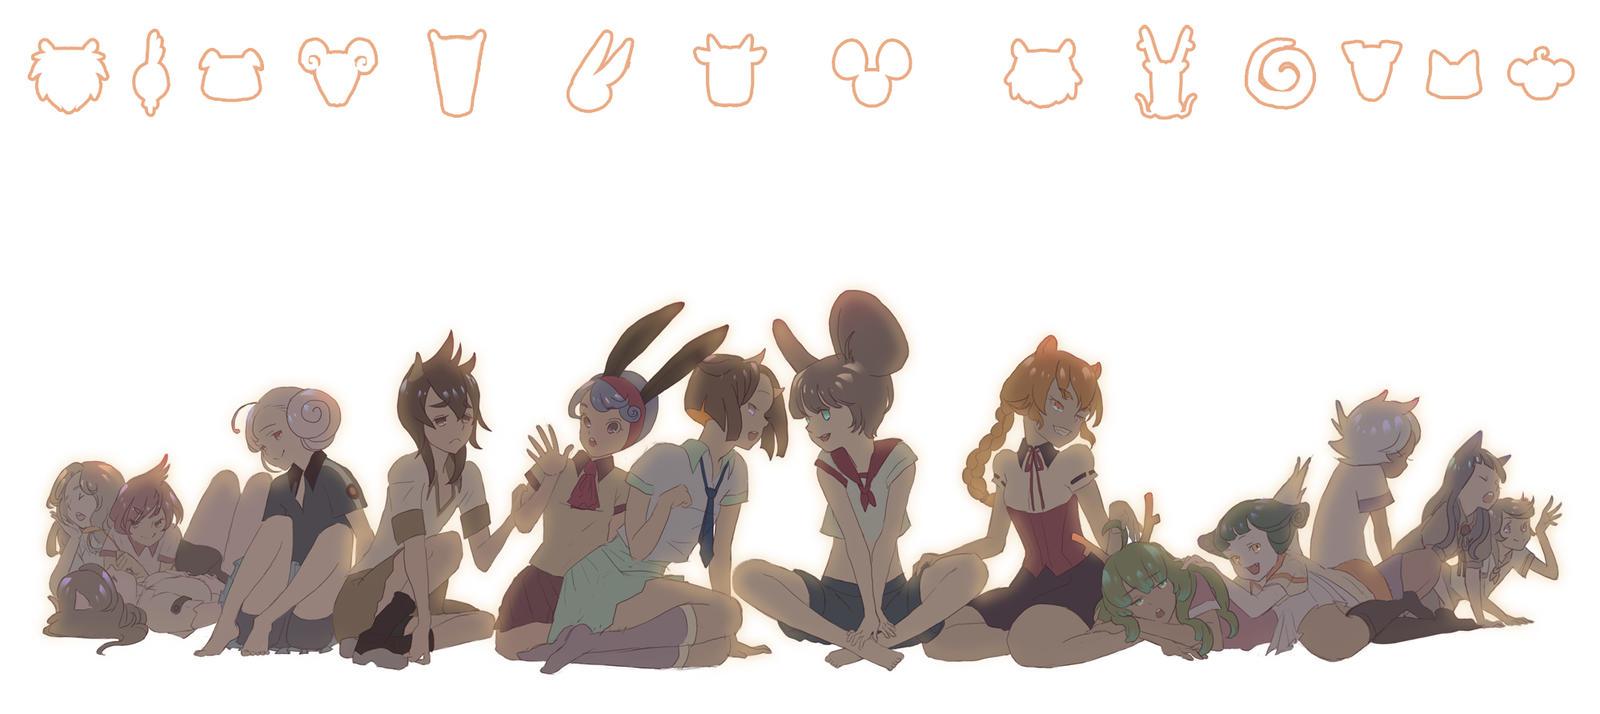 Chinese zodiac by Angju on DeviantArt